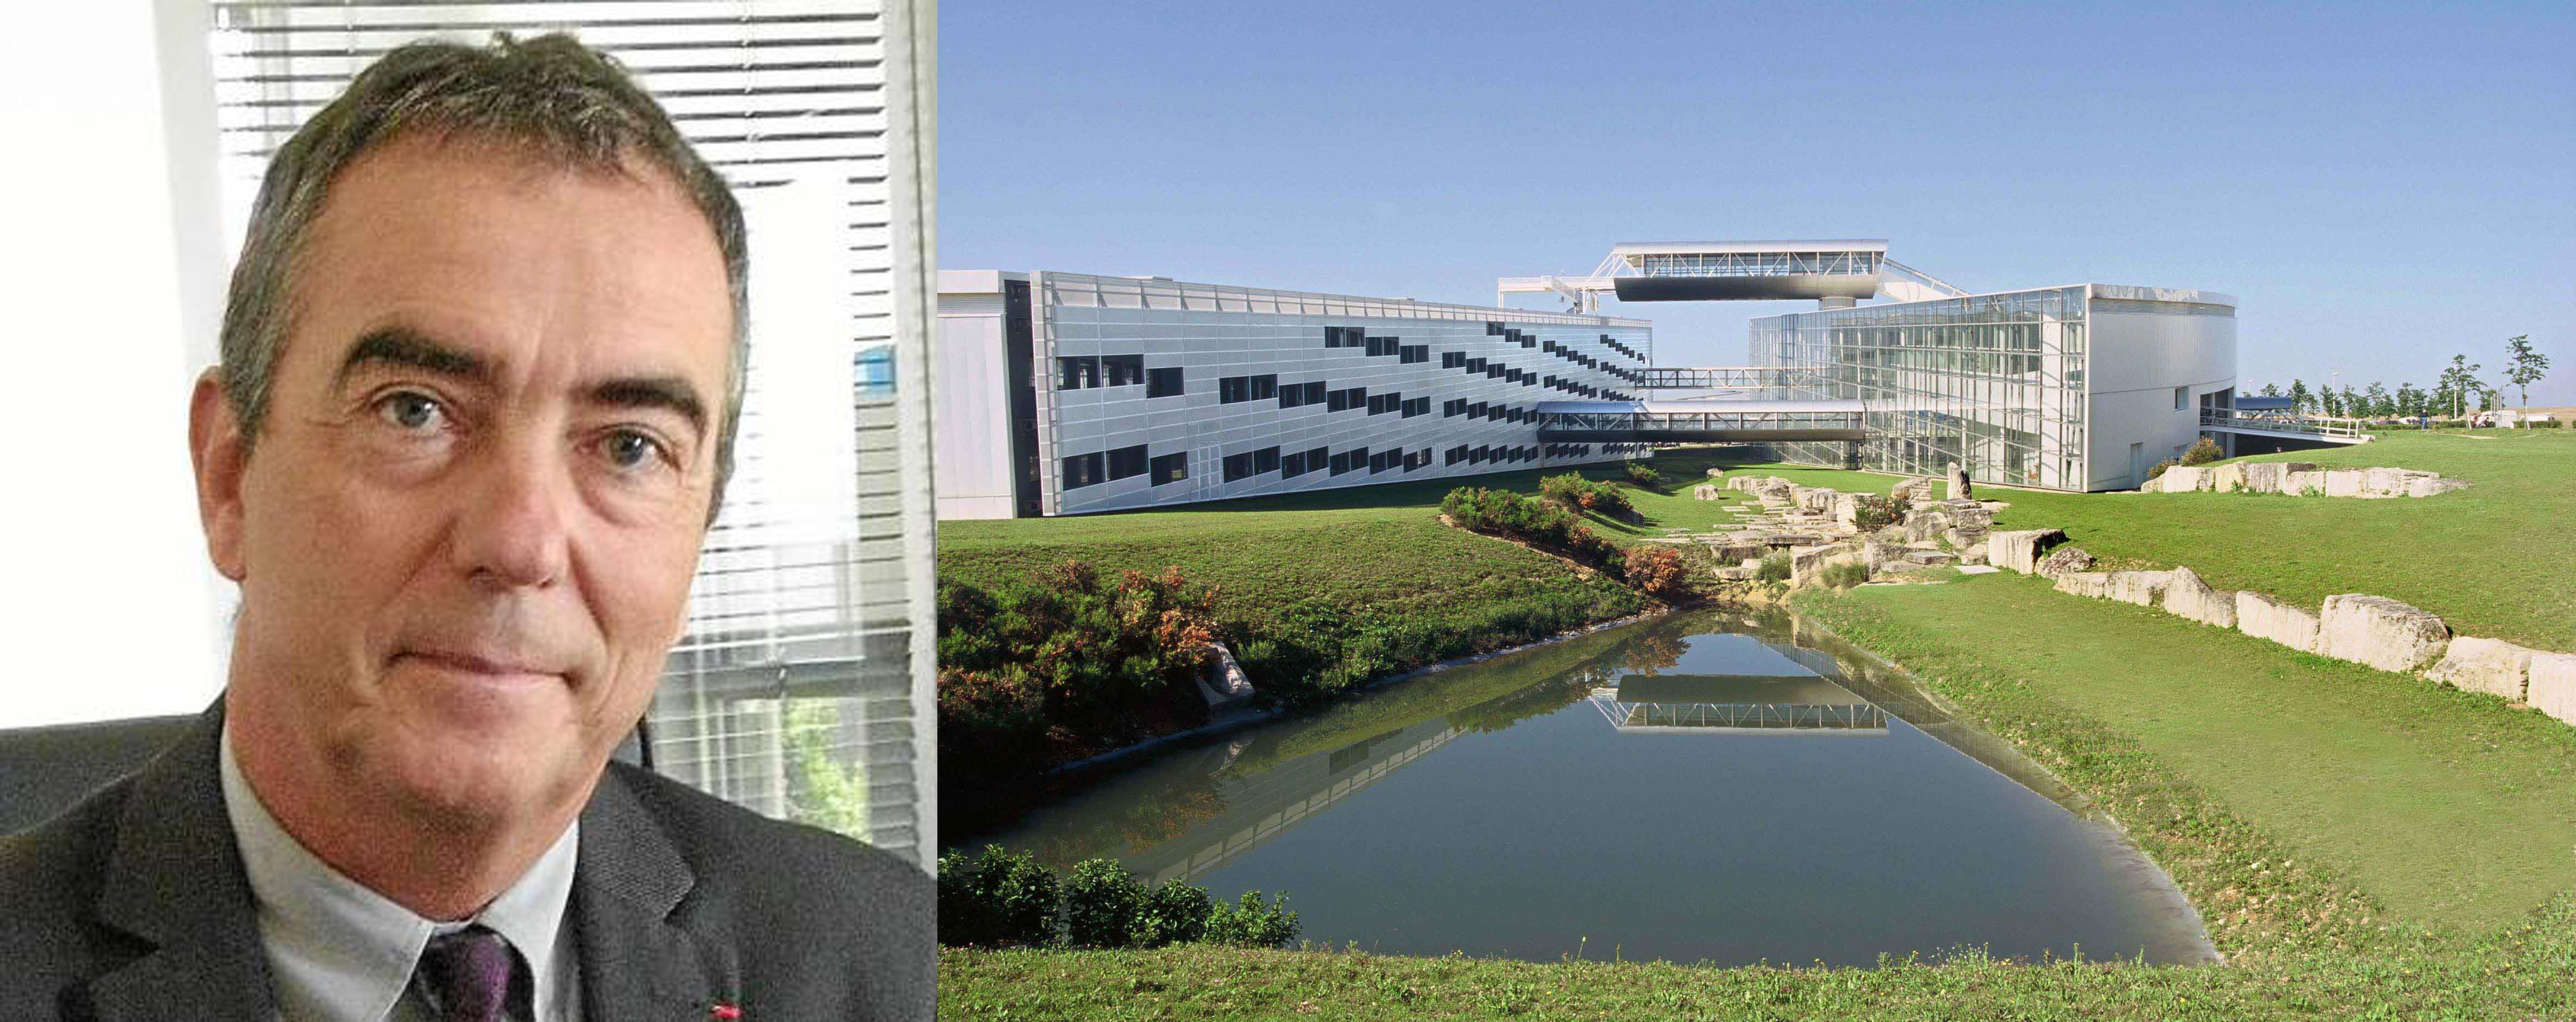 Roland Fortunier, nouveau directeur de l'ISAE-ENSMA